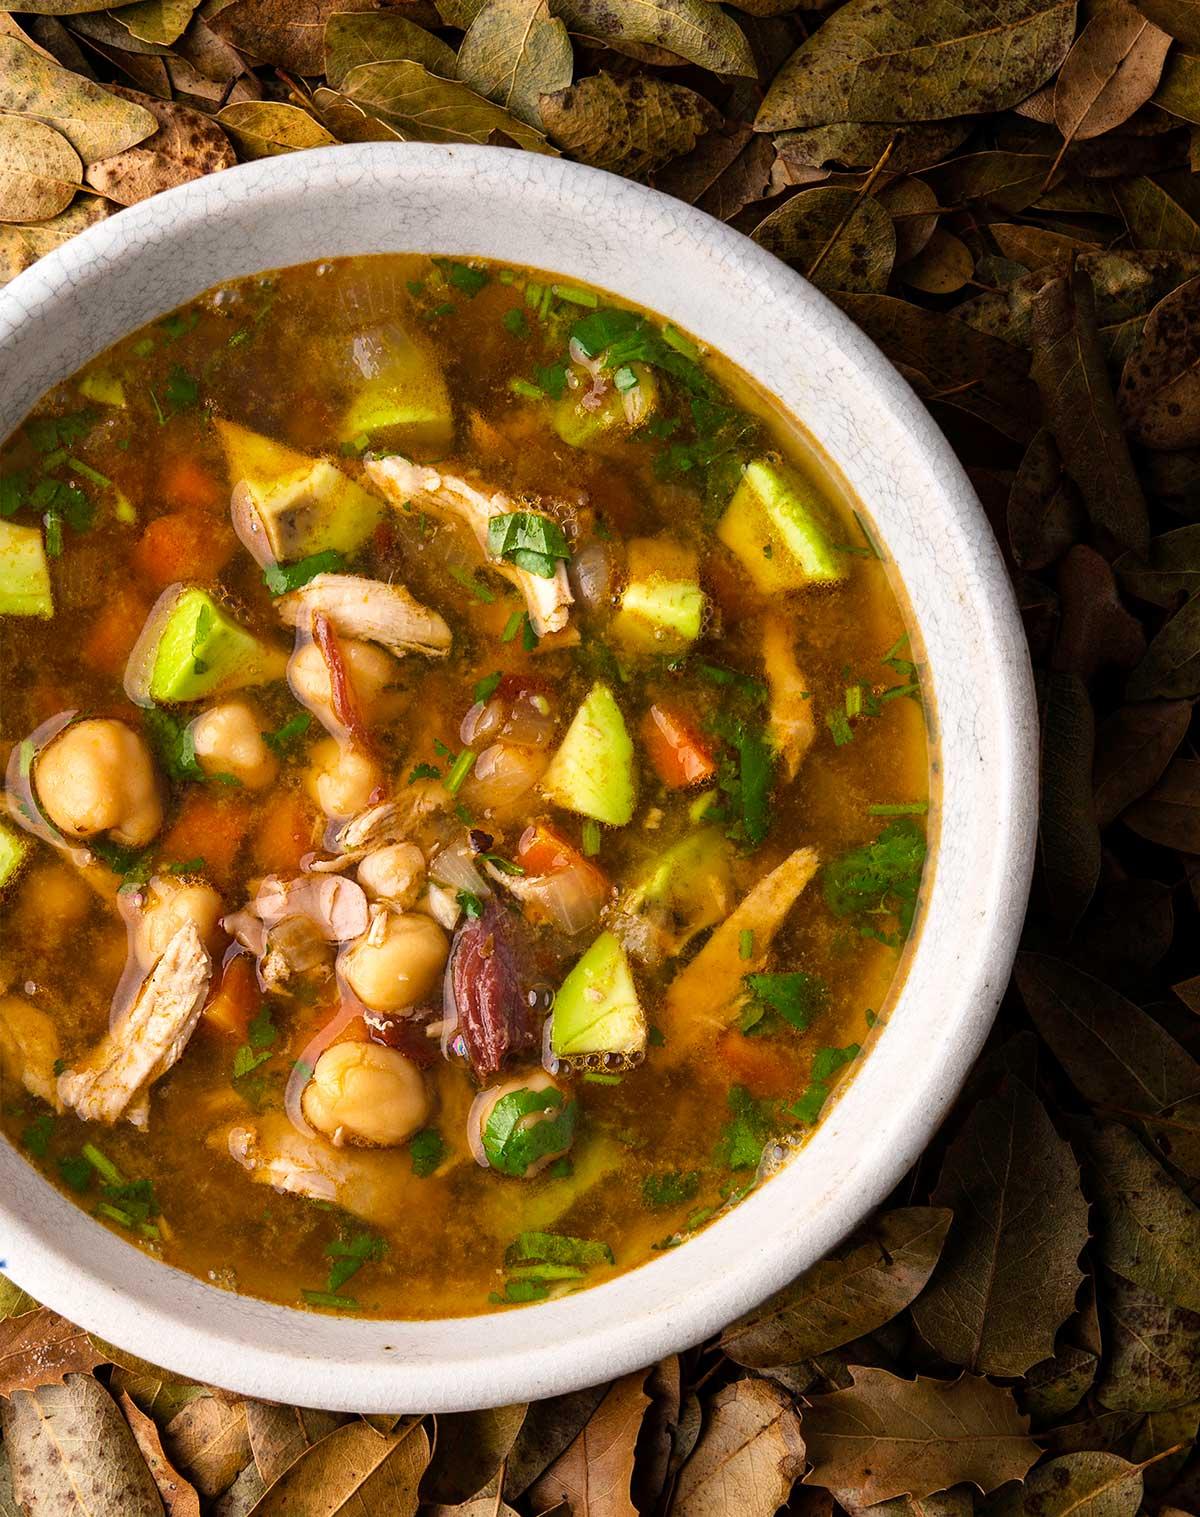 A bowl of caldo tlalpeno soup